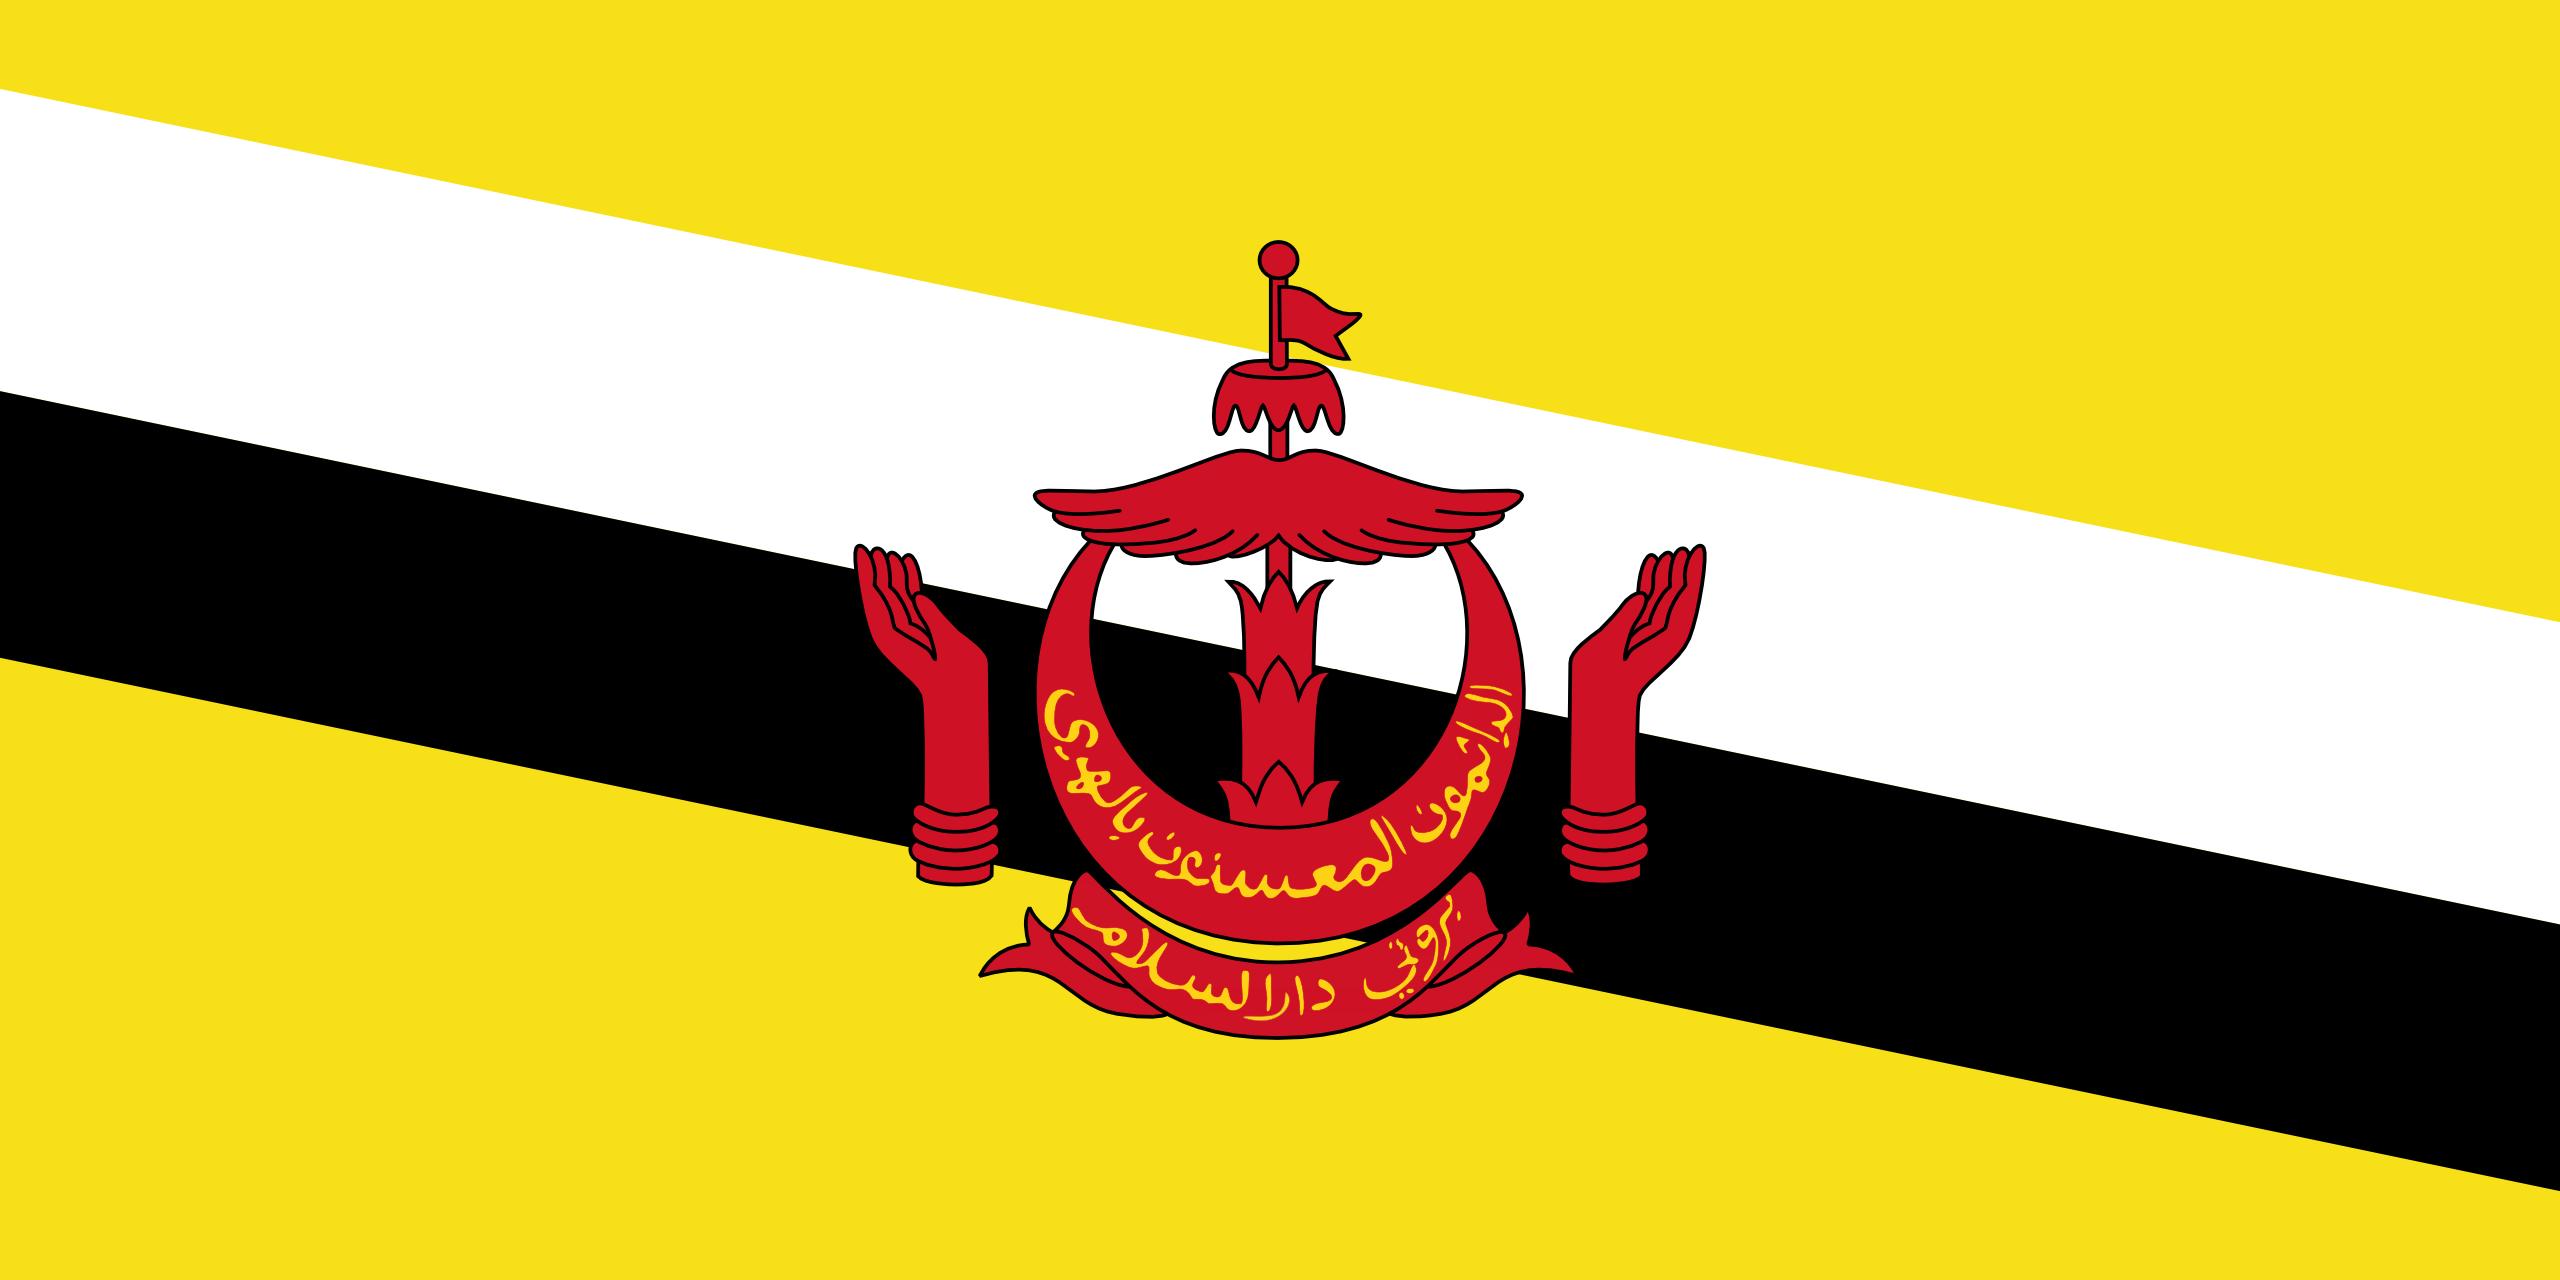 brunéi, país, emblema, insignia, símbolo - Fondos de Pantalla HD - professor-falken.com